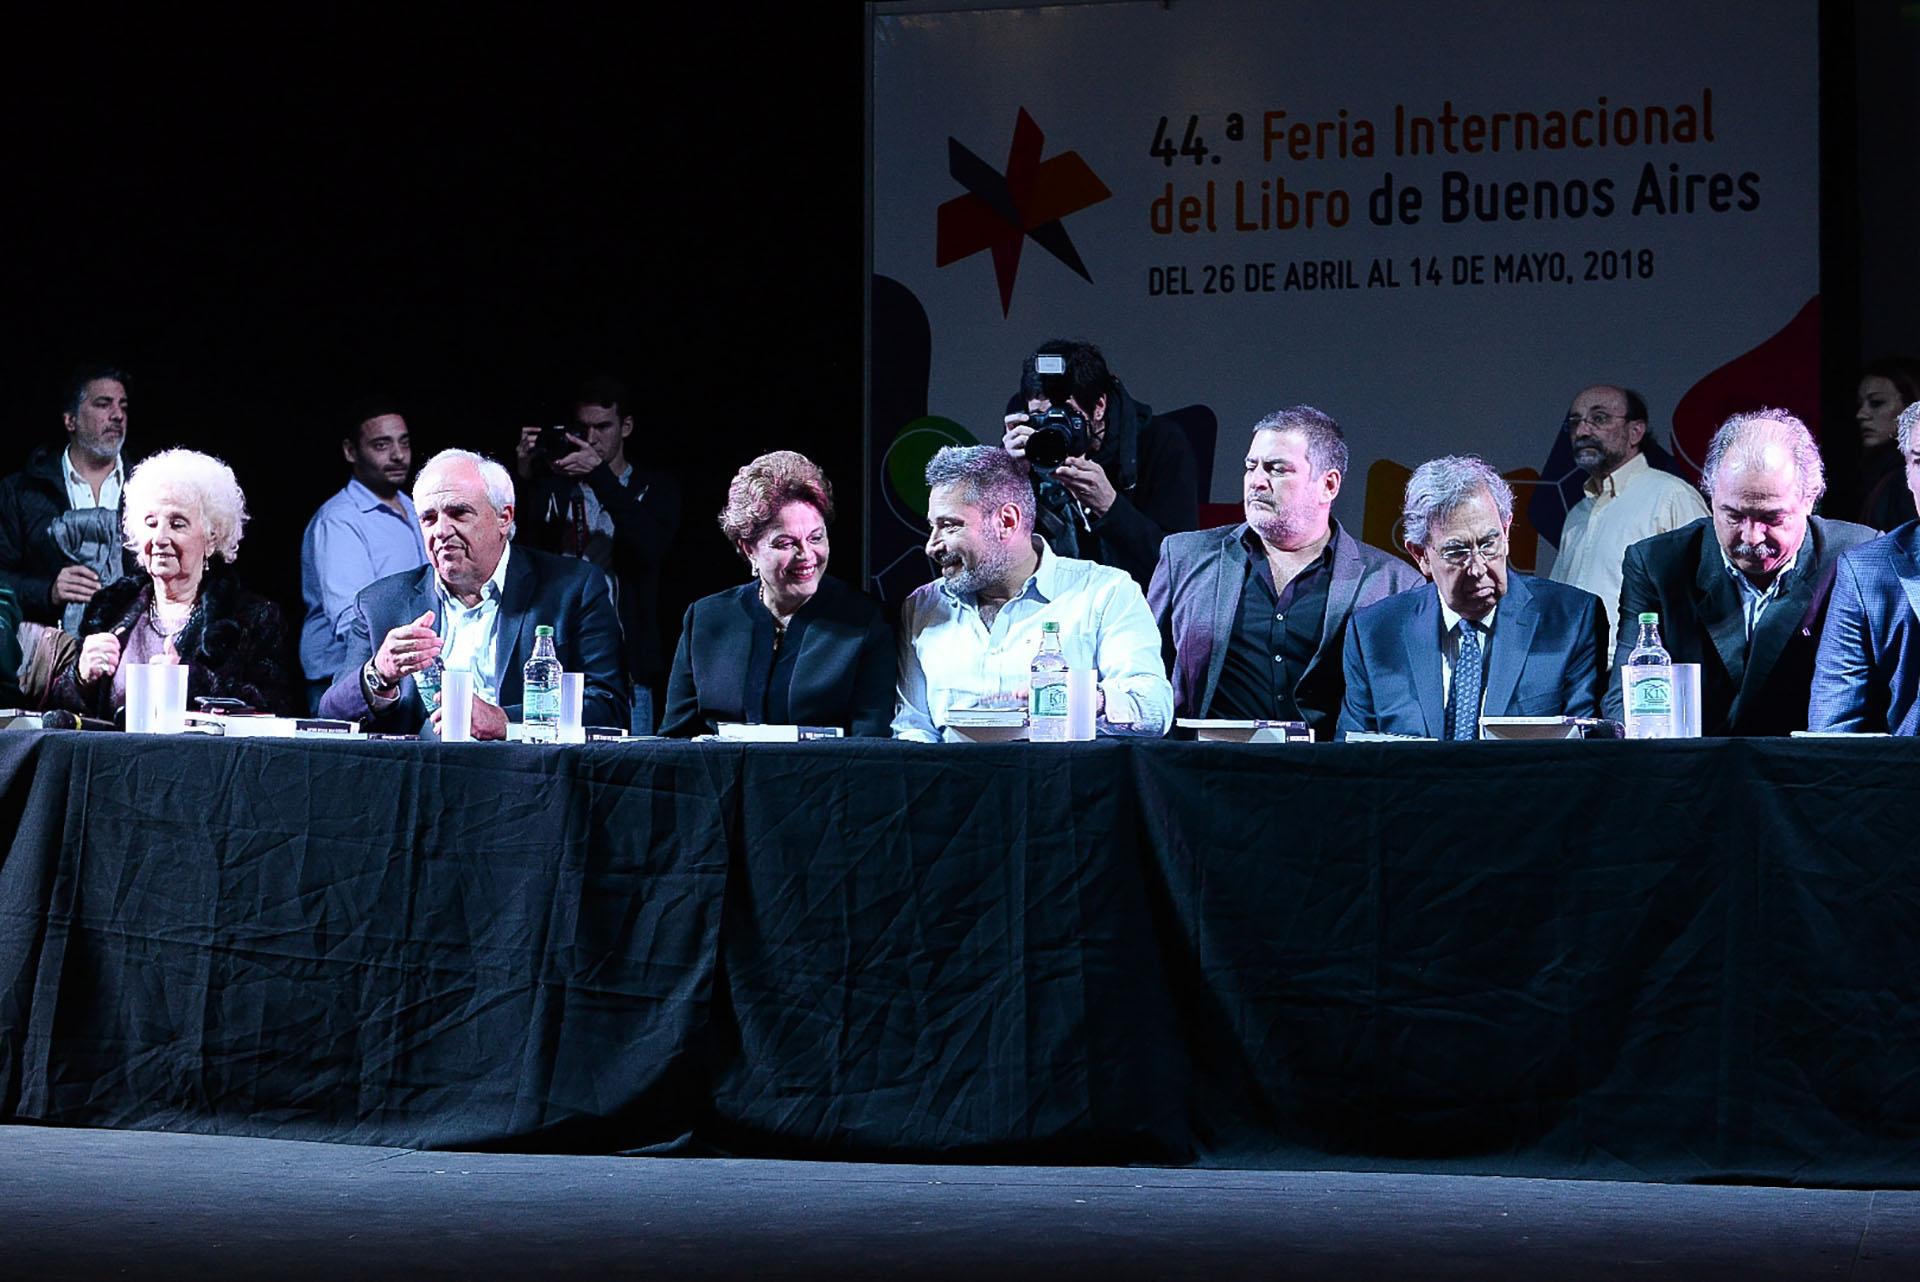 Dilma Rousseff también participó de la inauguración de la Feria del Libro. A la izquierda de Dilma, Víctor Santa María, Secretario General del SUTERH; a continuación Pablo Gentilli, secretario ejecutivo de CLACSO. Primera desde la izquierda, Estela de Carlotto, titular de Abuelas de Plaza de Mayo.